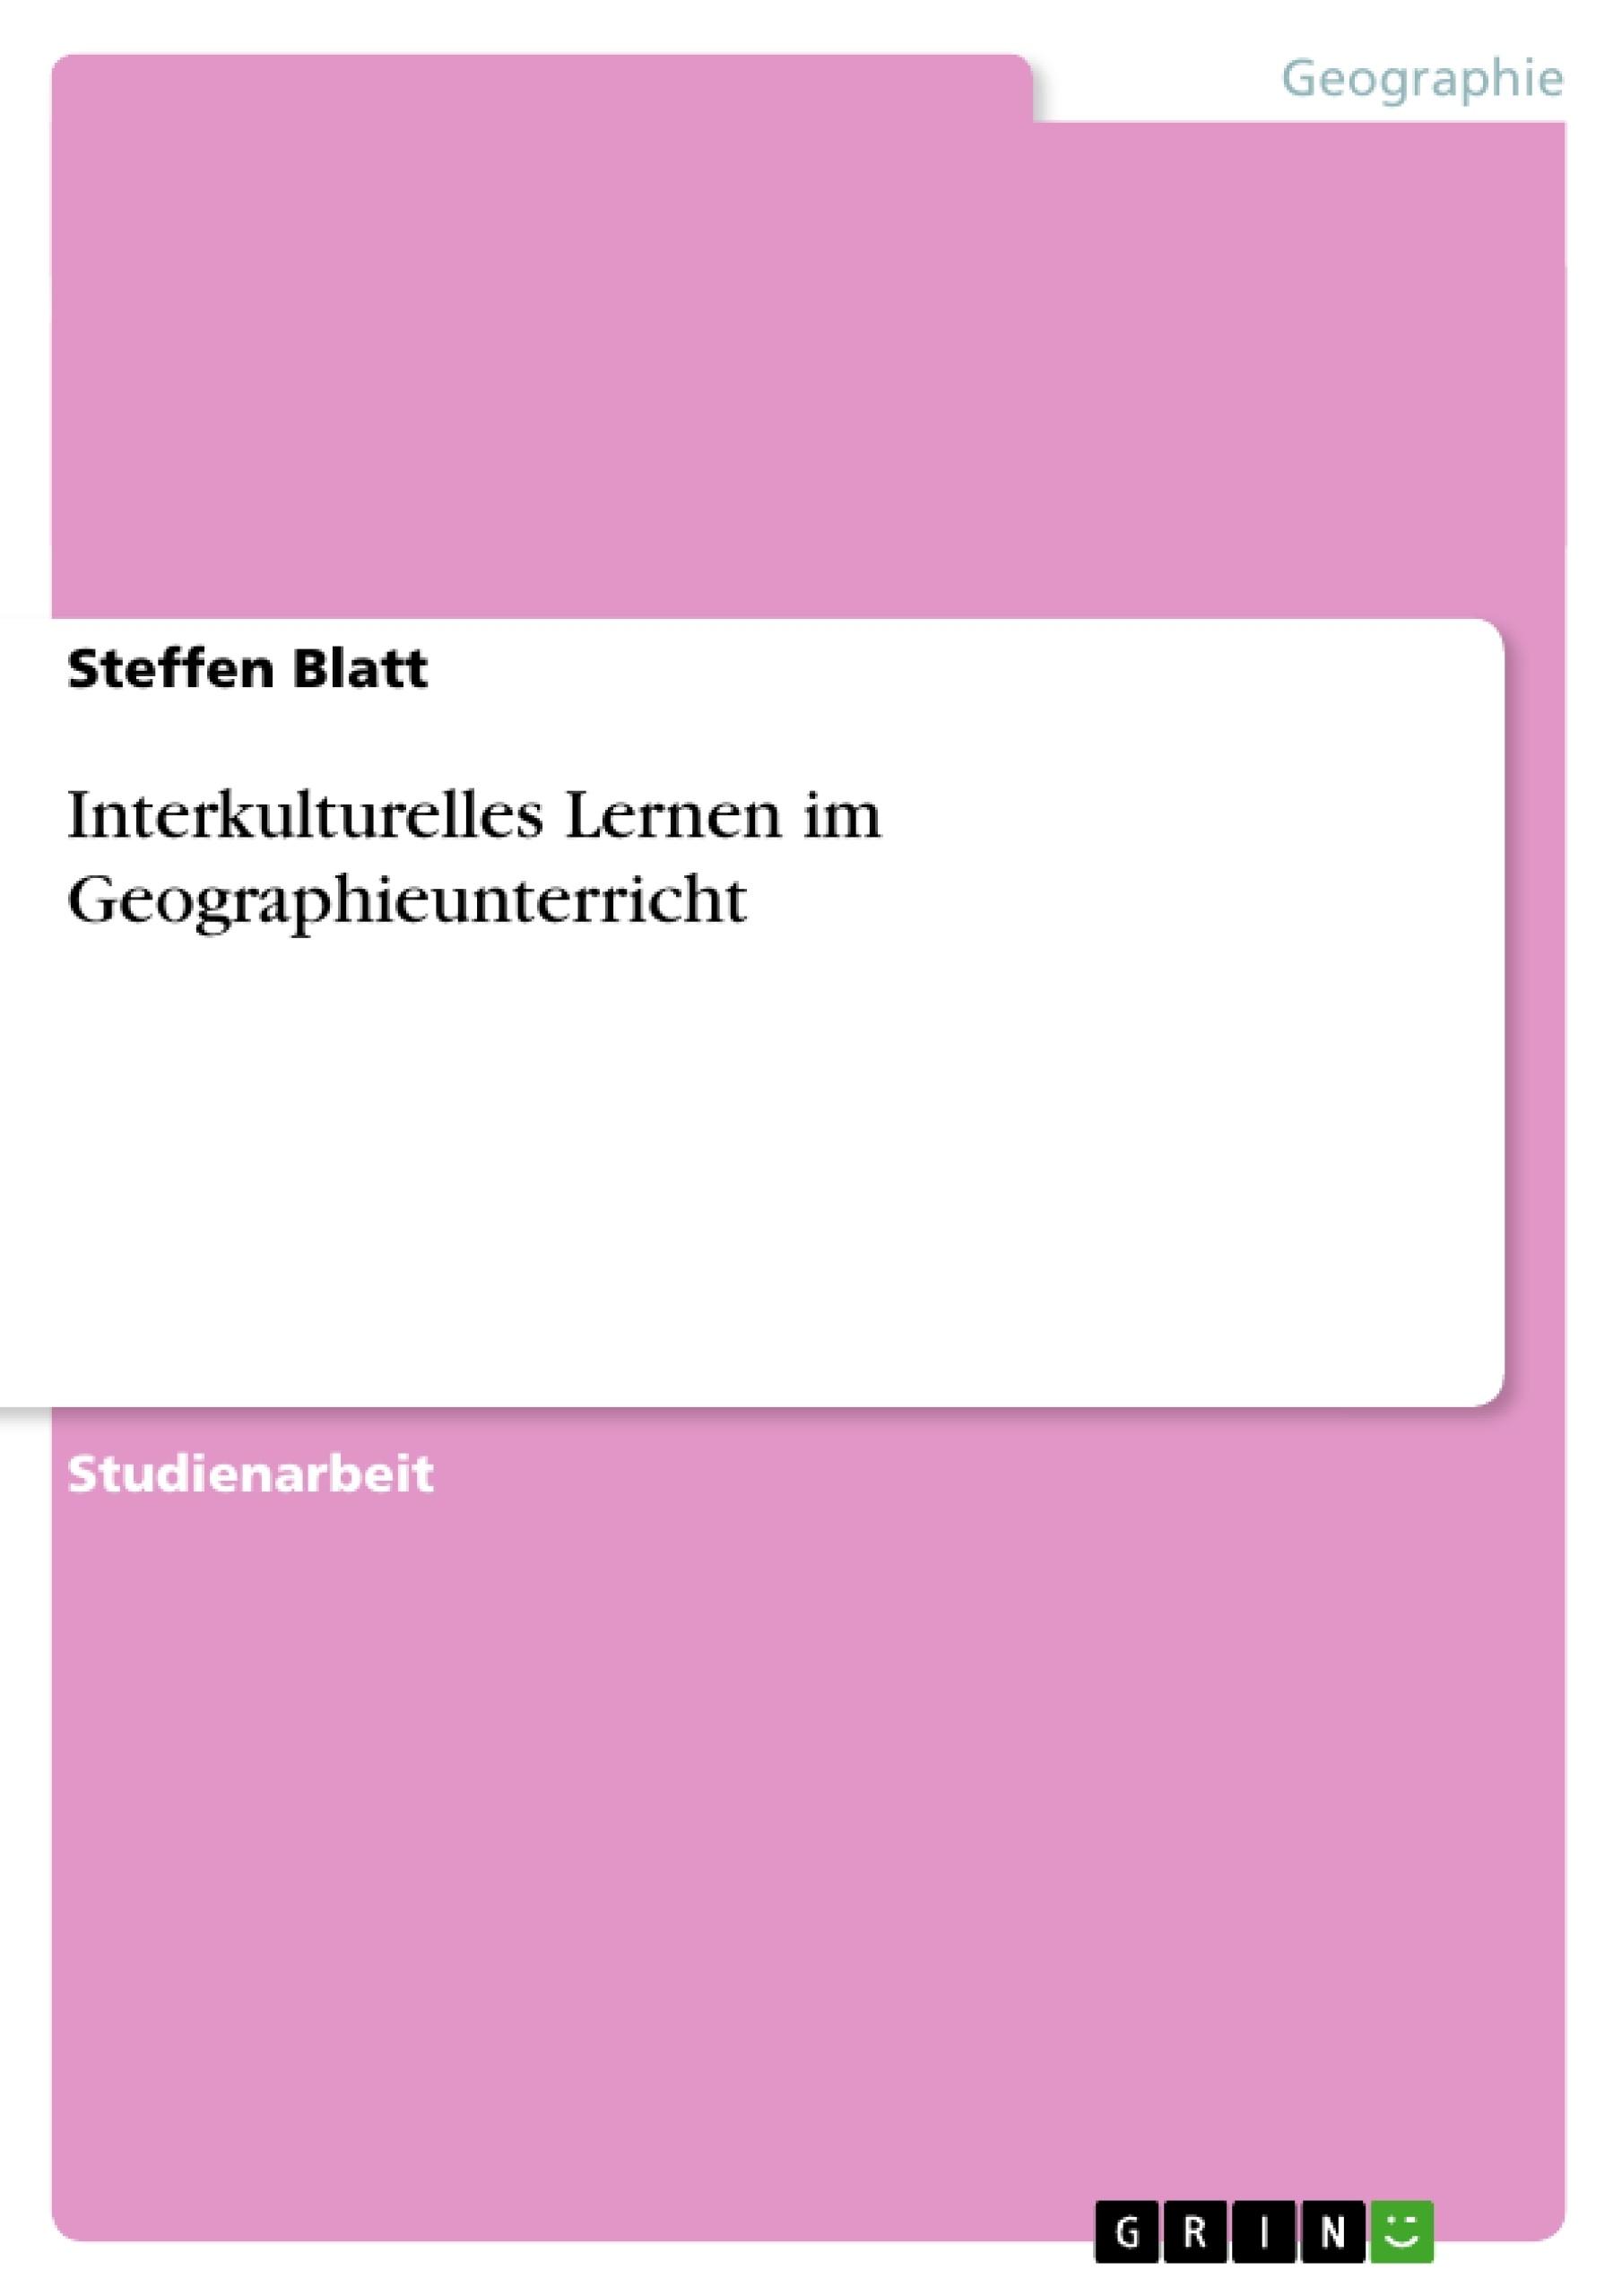 Titel: Interkulturelles Lernen im Geographieunterricht